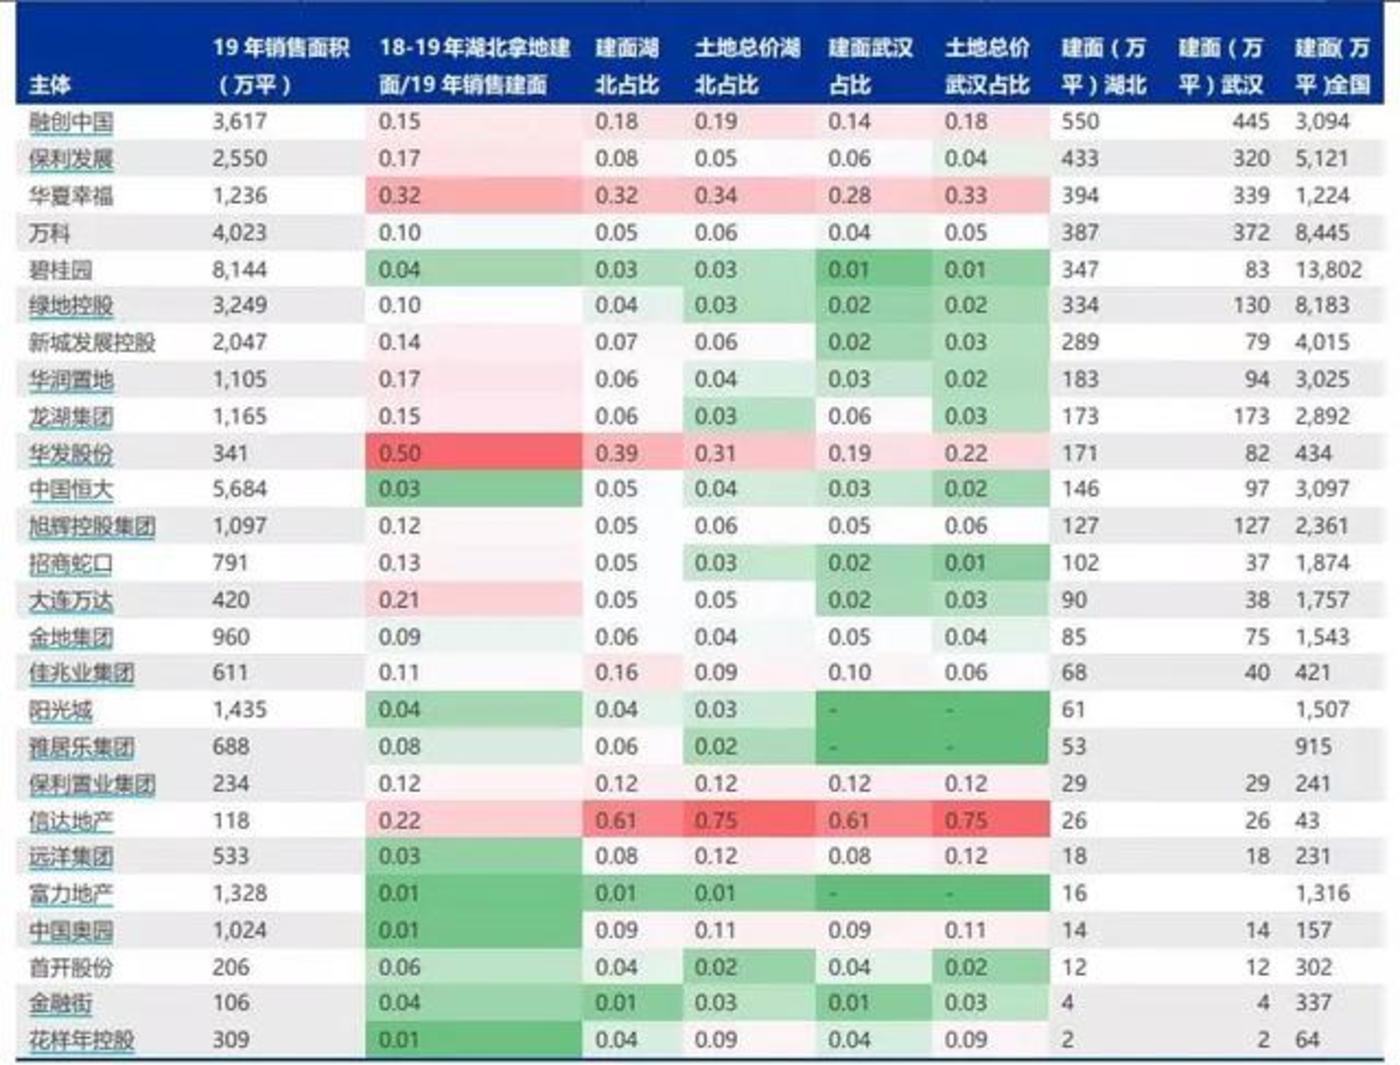 2018/2019年在武汉、湖北拿地房企一览外 来源:申万宏源研报